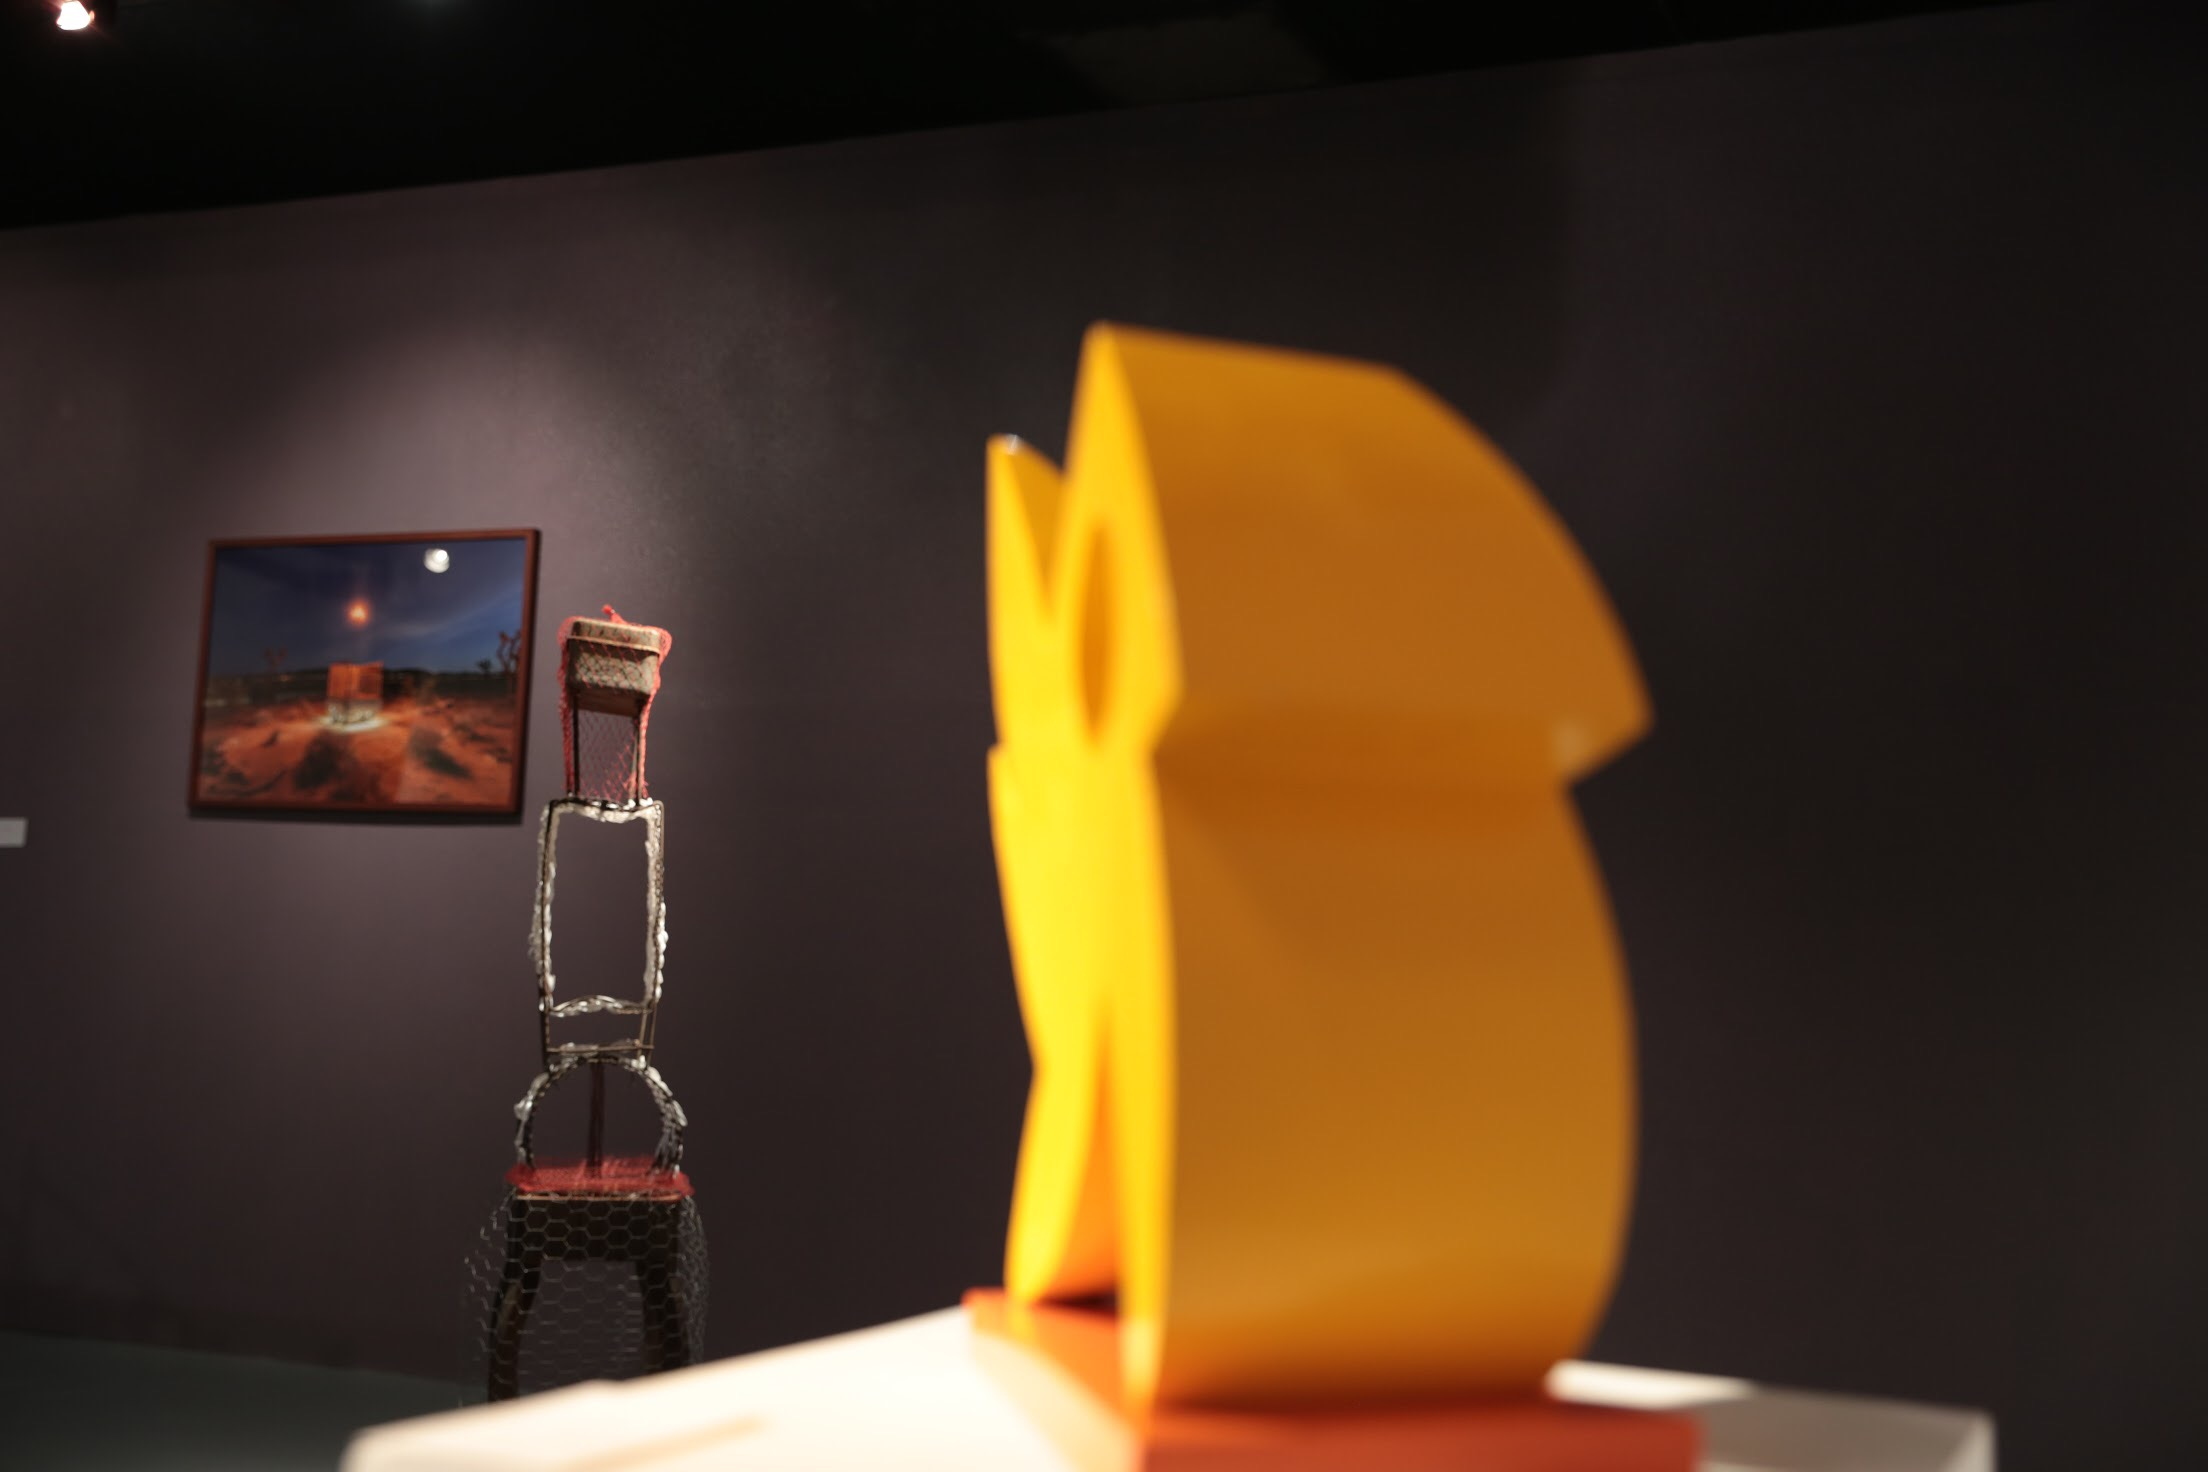 Installation view L to R - Chris Sanchez, Cathy Allen, Delos Van Earl Photo credit: Alyssa Olivas